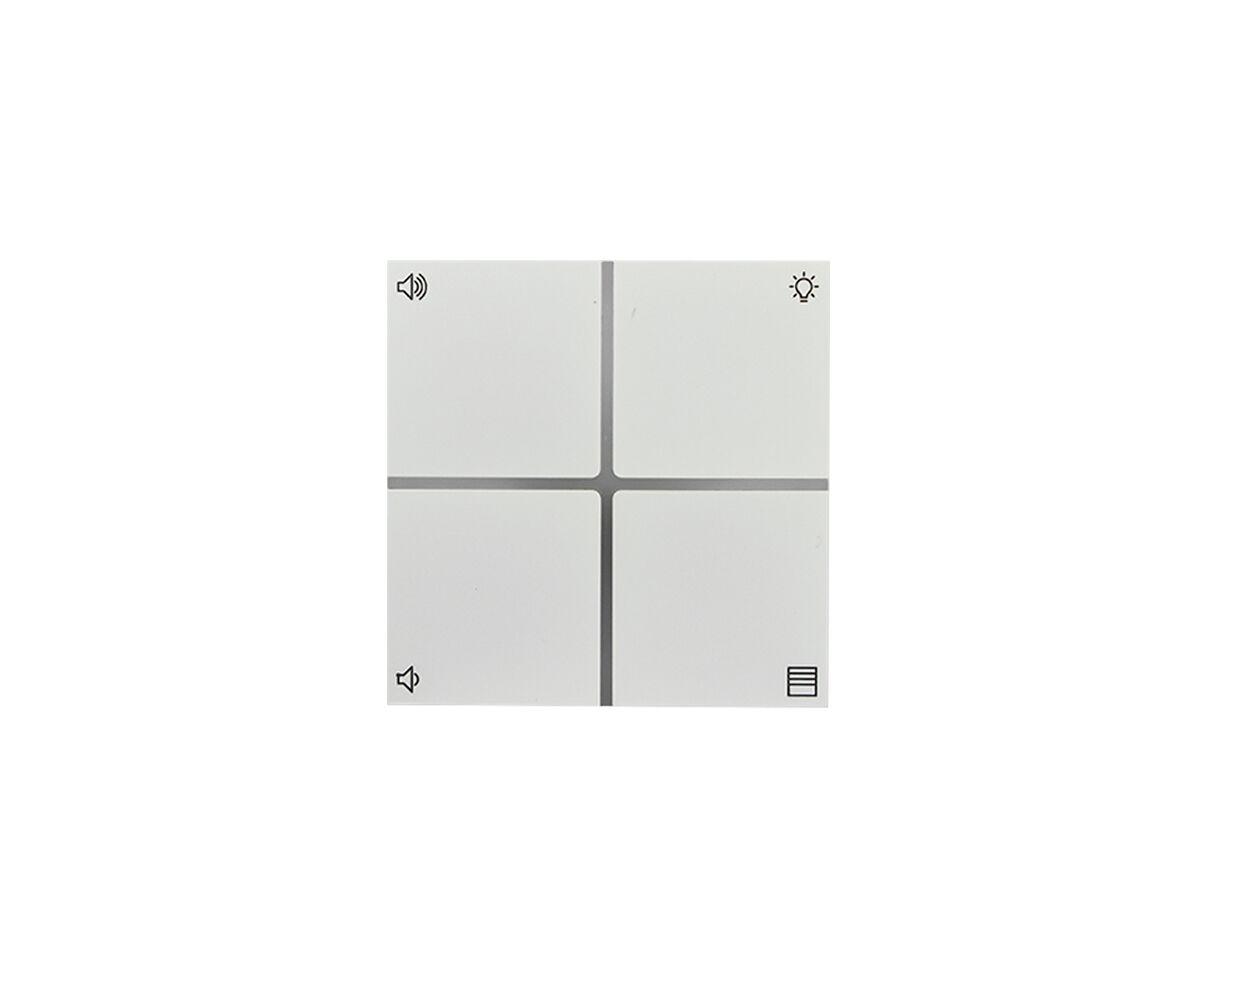 Basalte Gravur Schalter